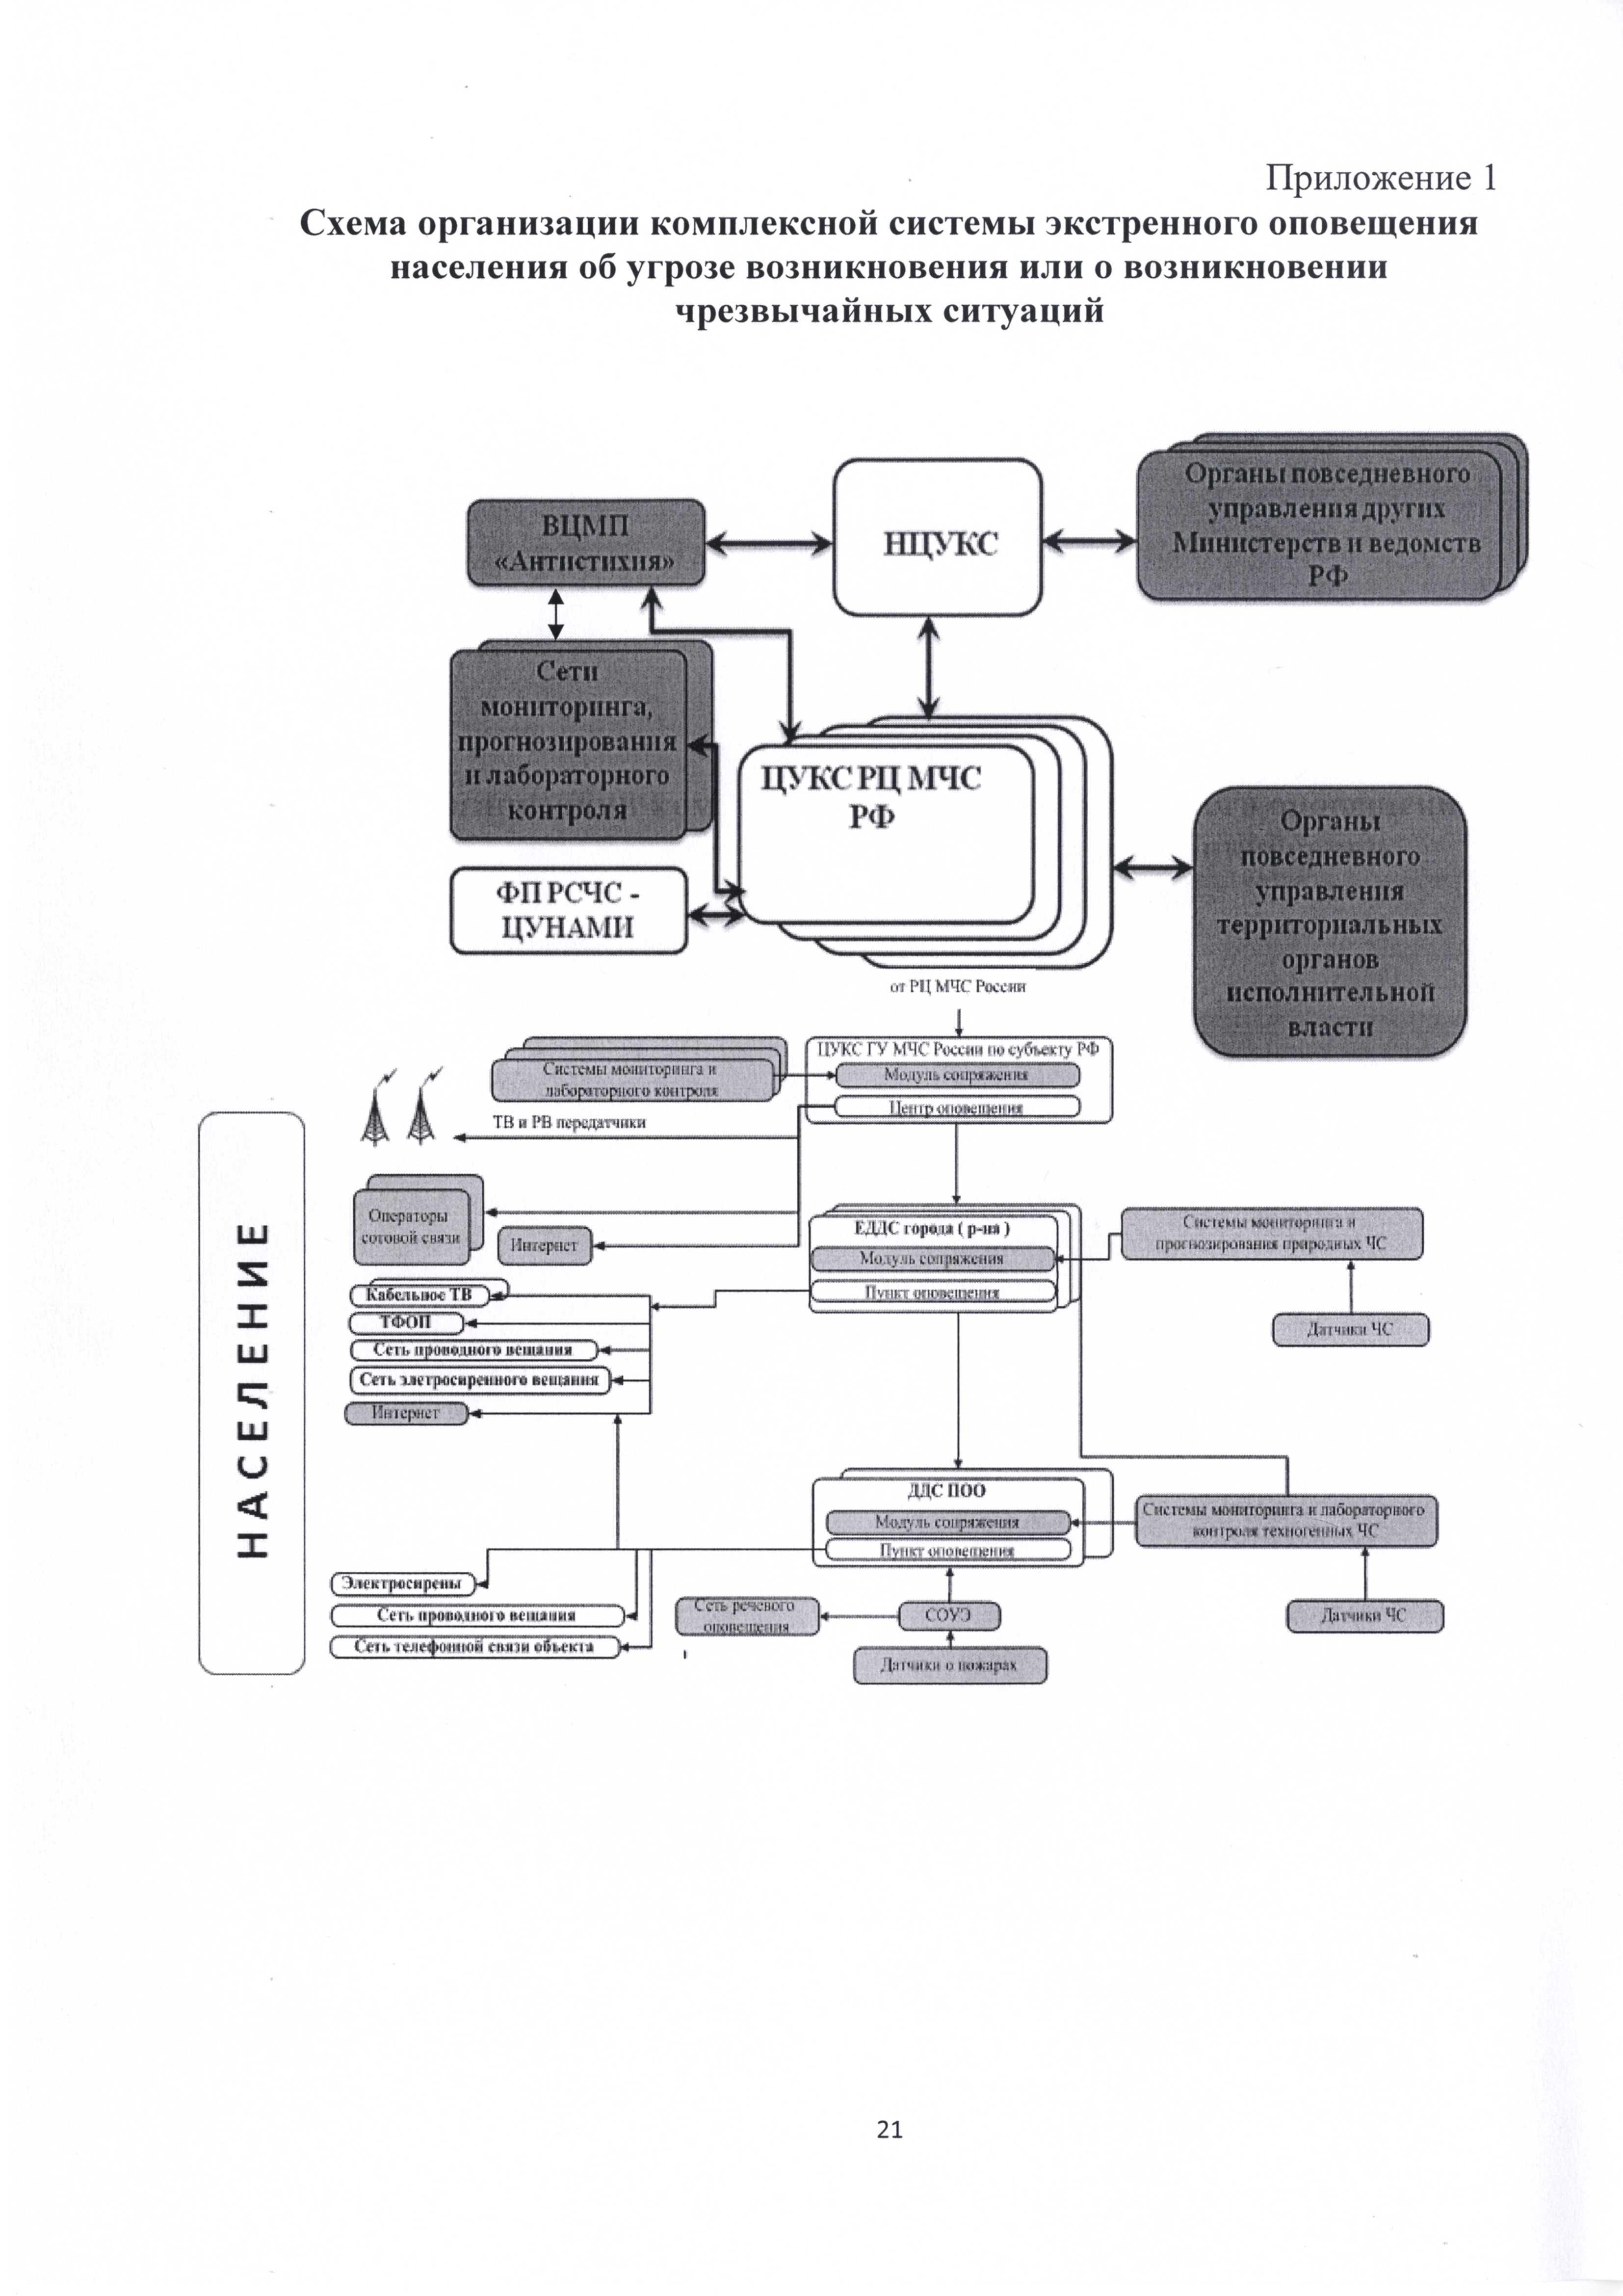 Методические рекомендации по созданию КСЭОН